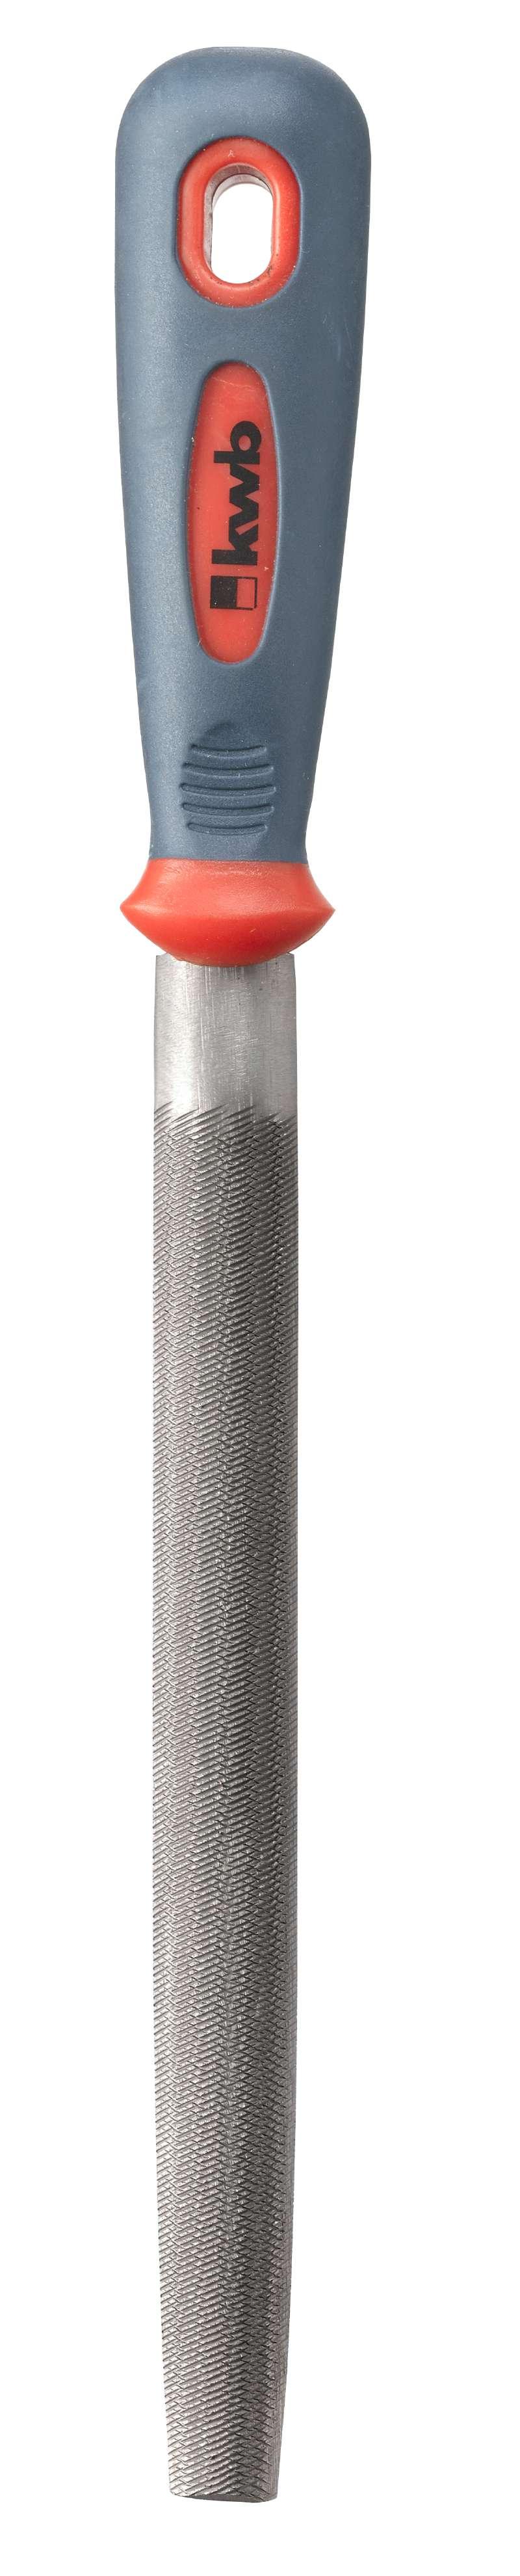 Напильник по металлу Kwb 4803-20 детектор по дереву и металлу kwb 0116 20